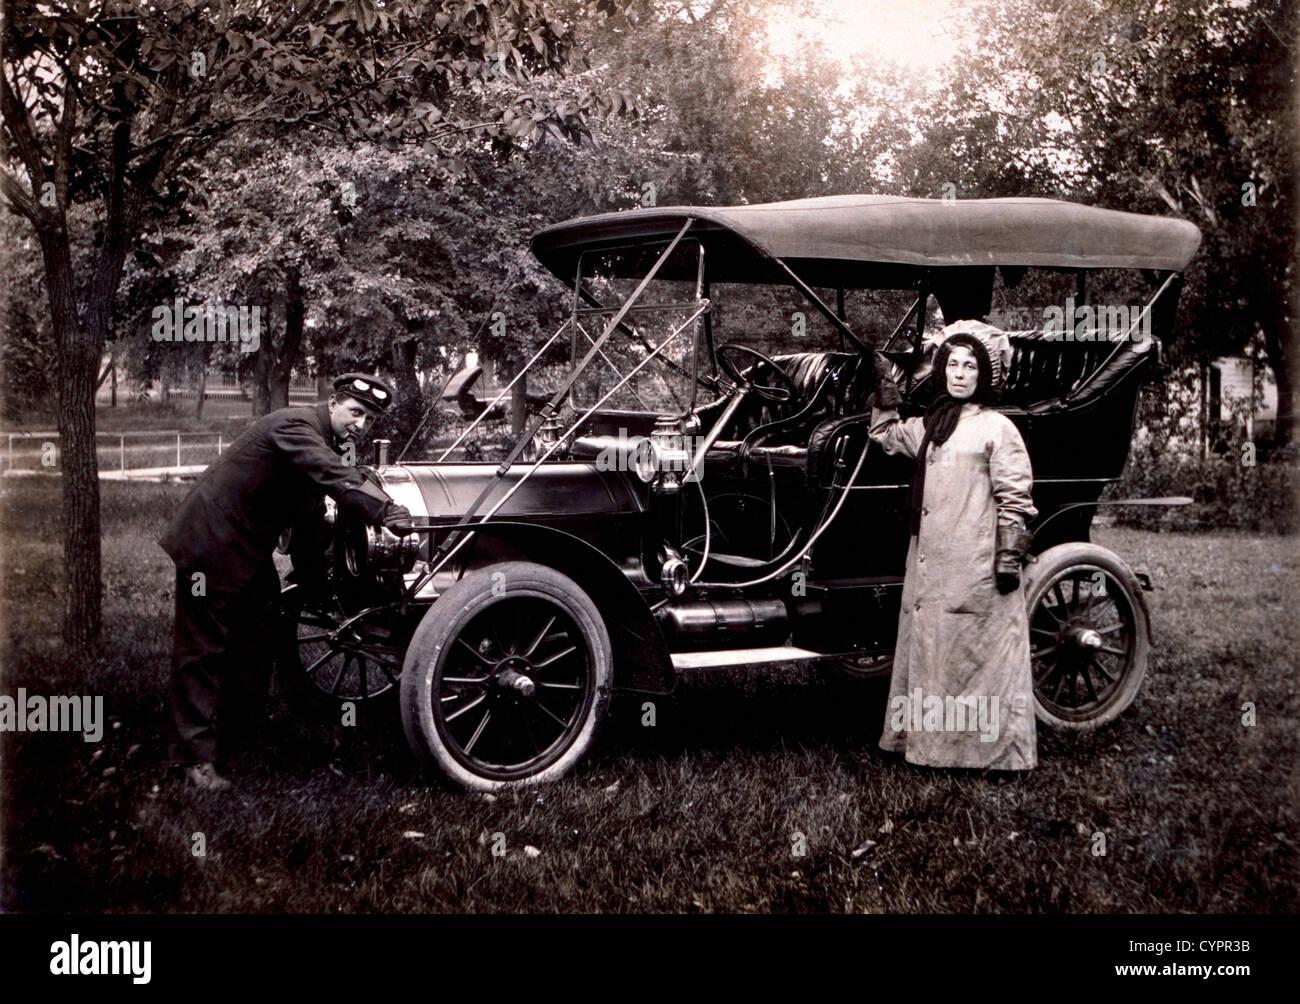 Cranking Car Stock Photos & Cranking Car Stock Images - Alamy